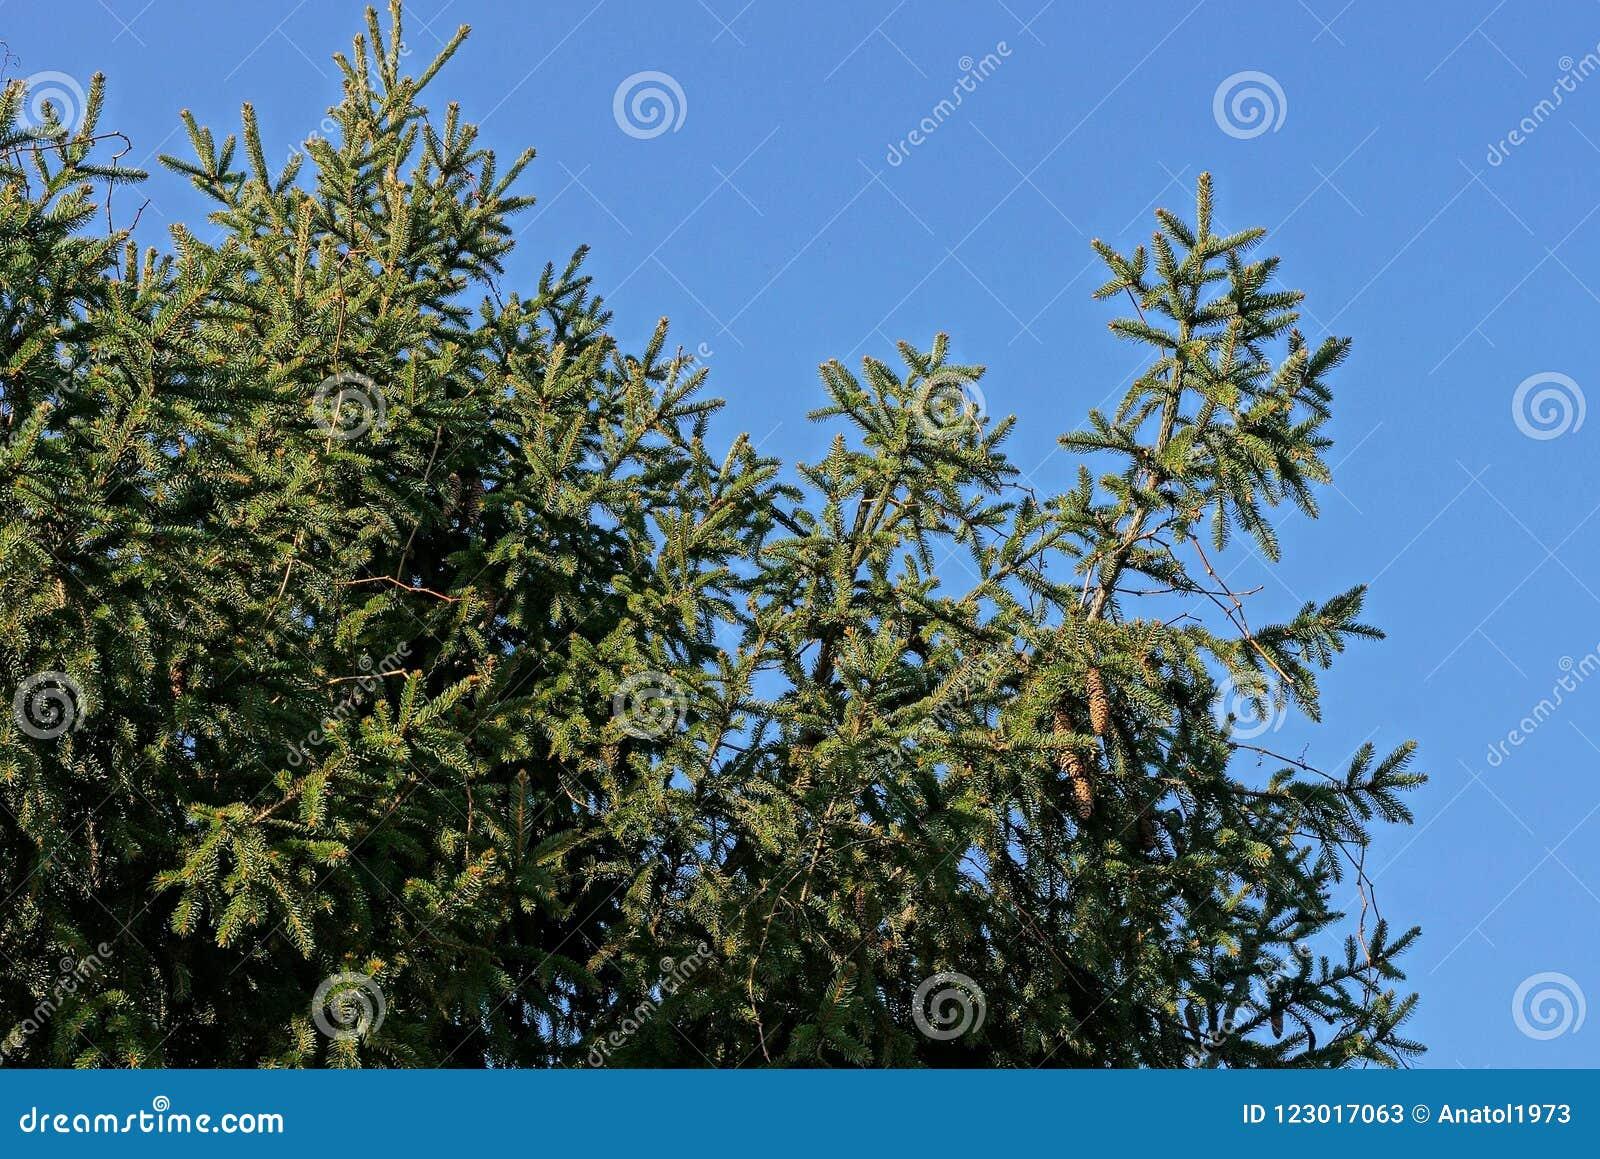 Ramas spruce verdes coníferas con los conos en el fondo del cielo